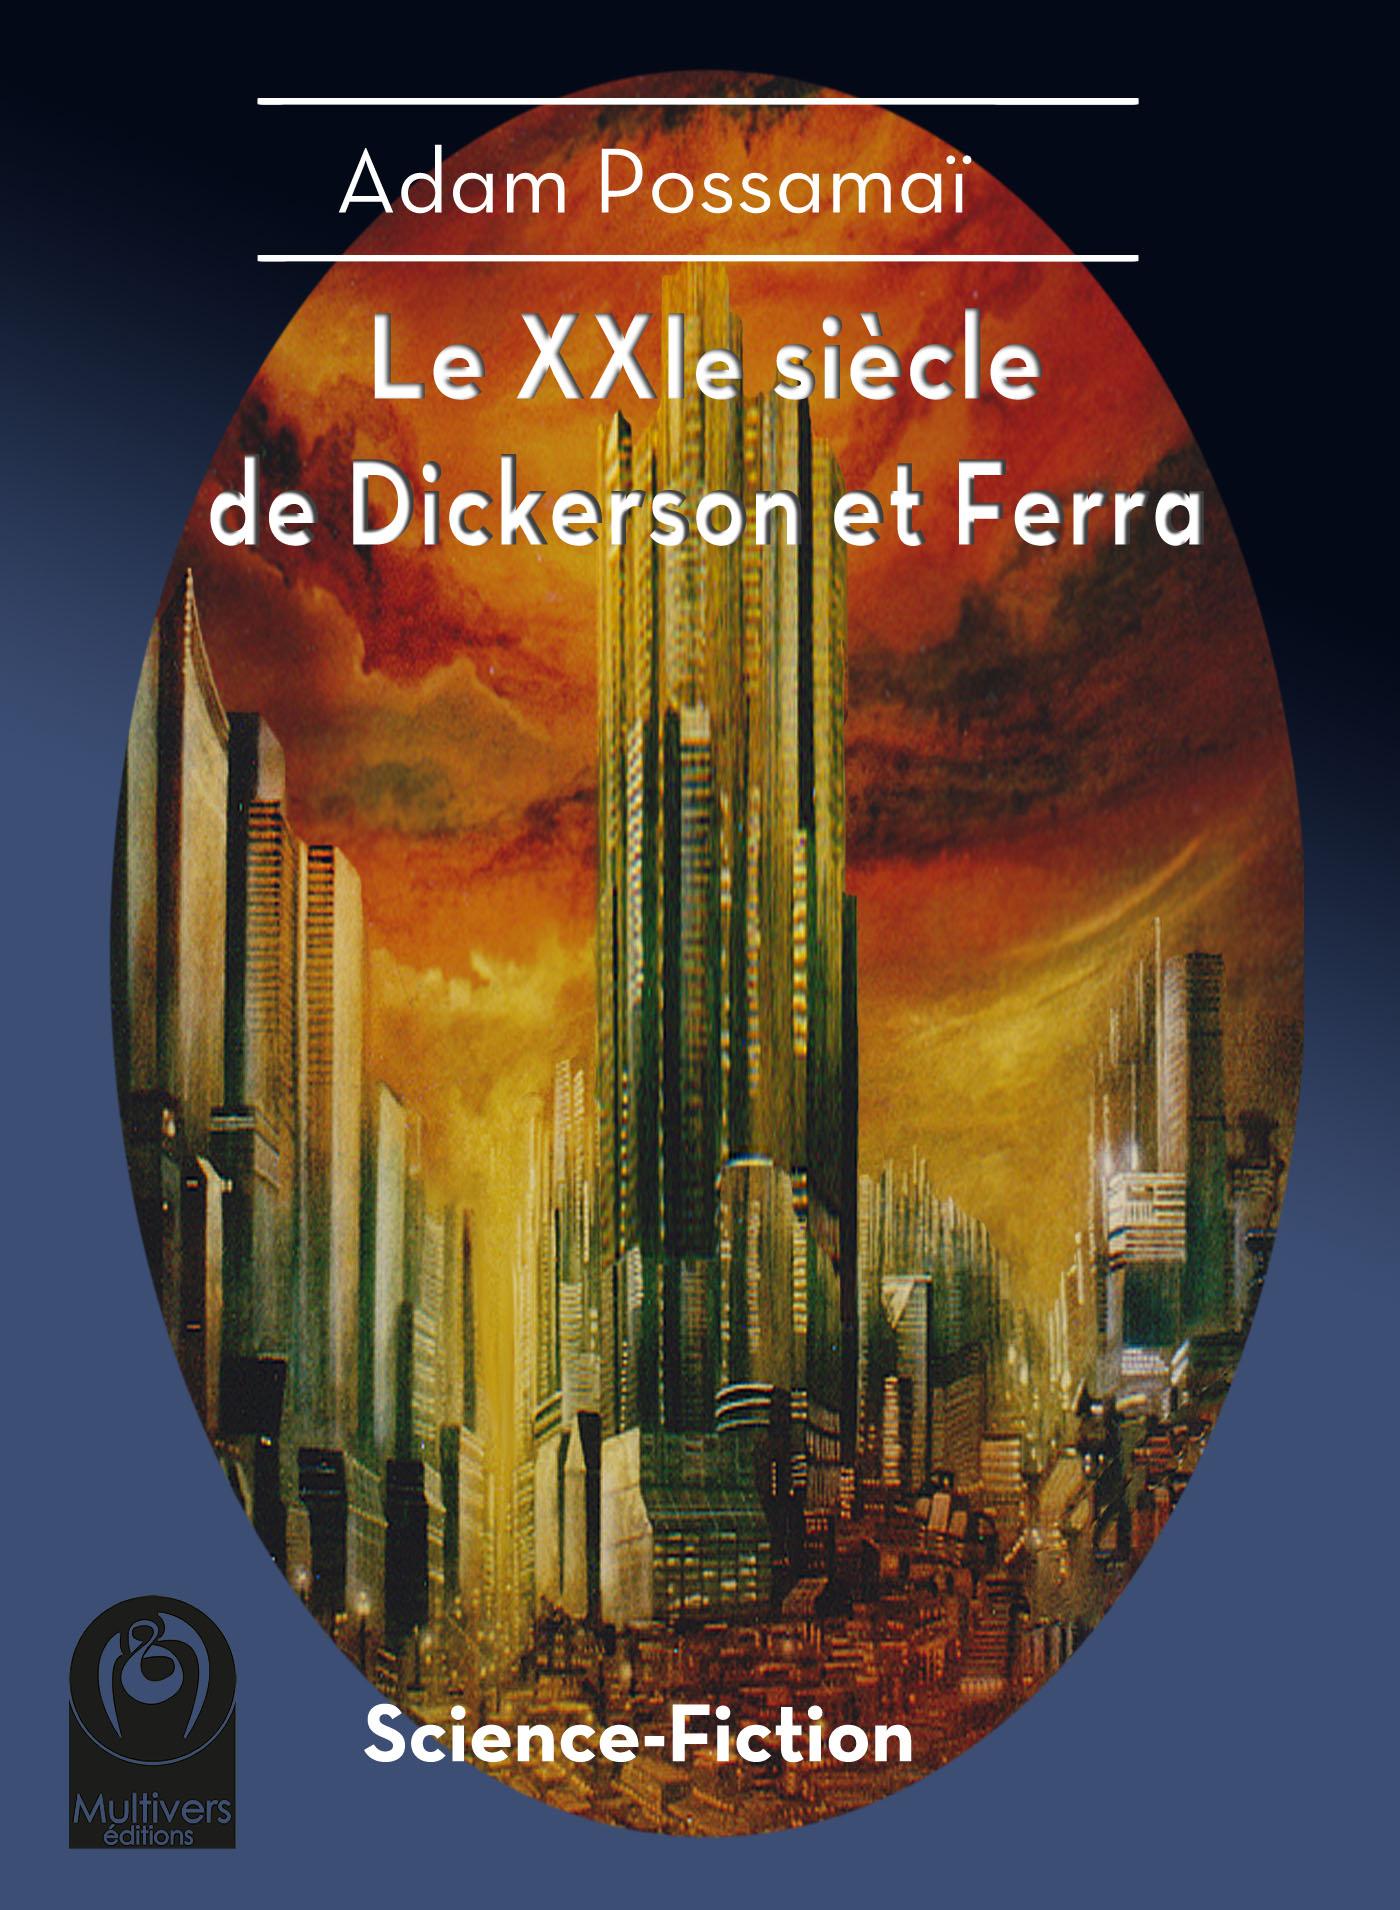 Le XXIe siècle de Dickerson et Ferra